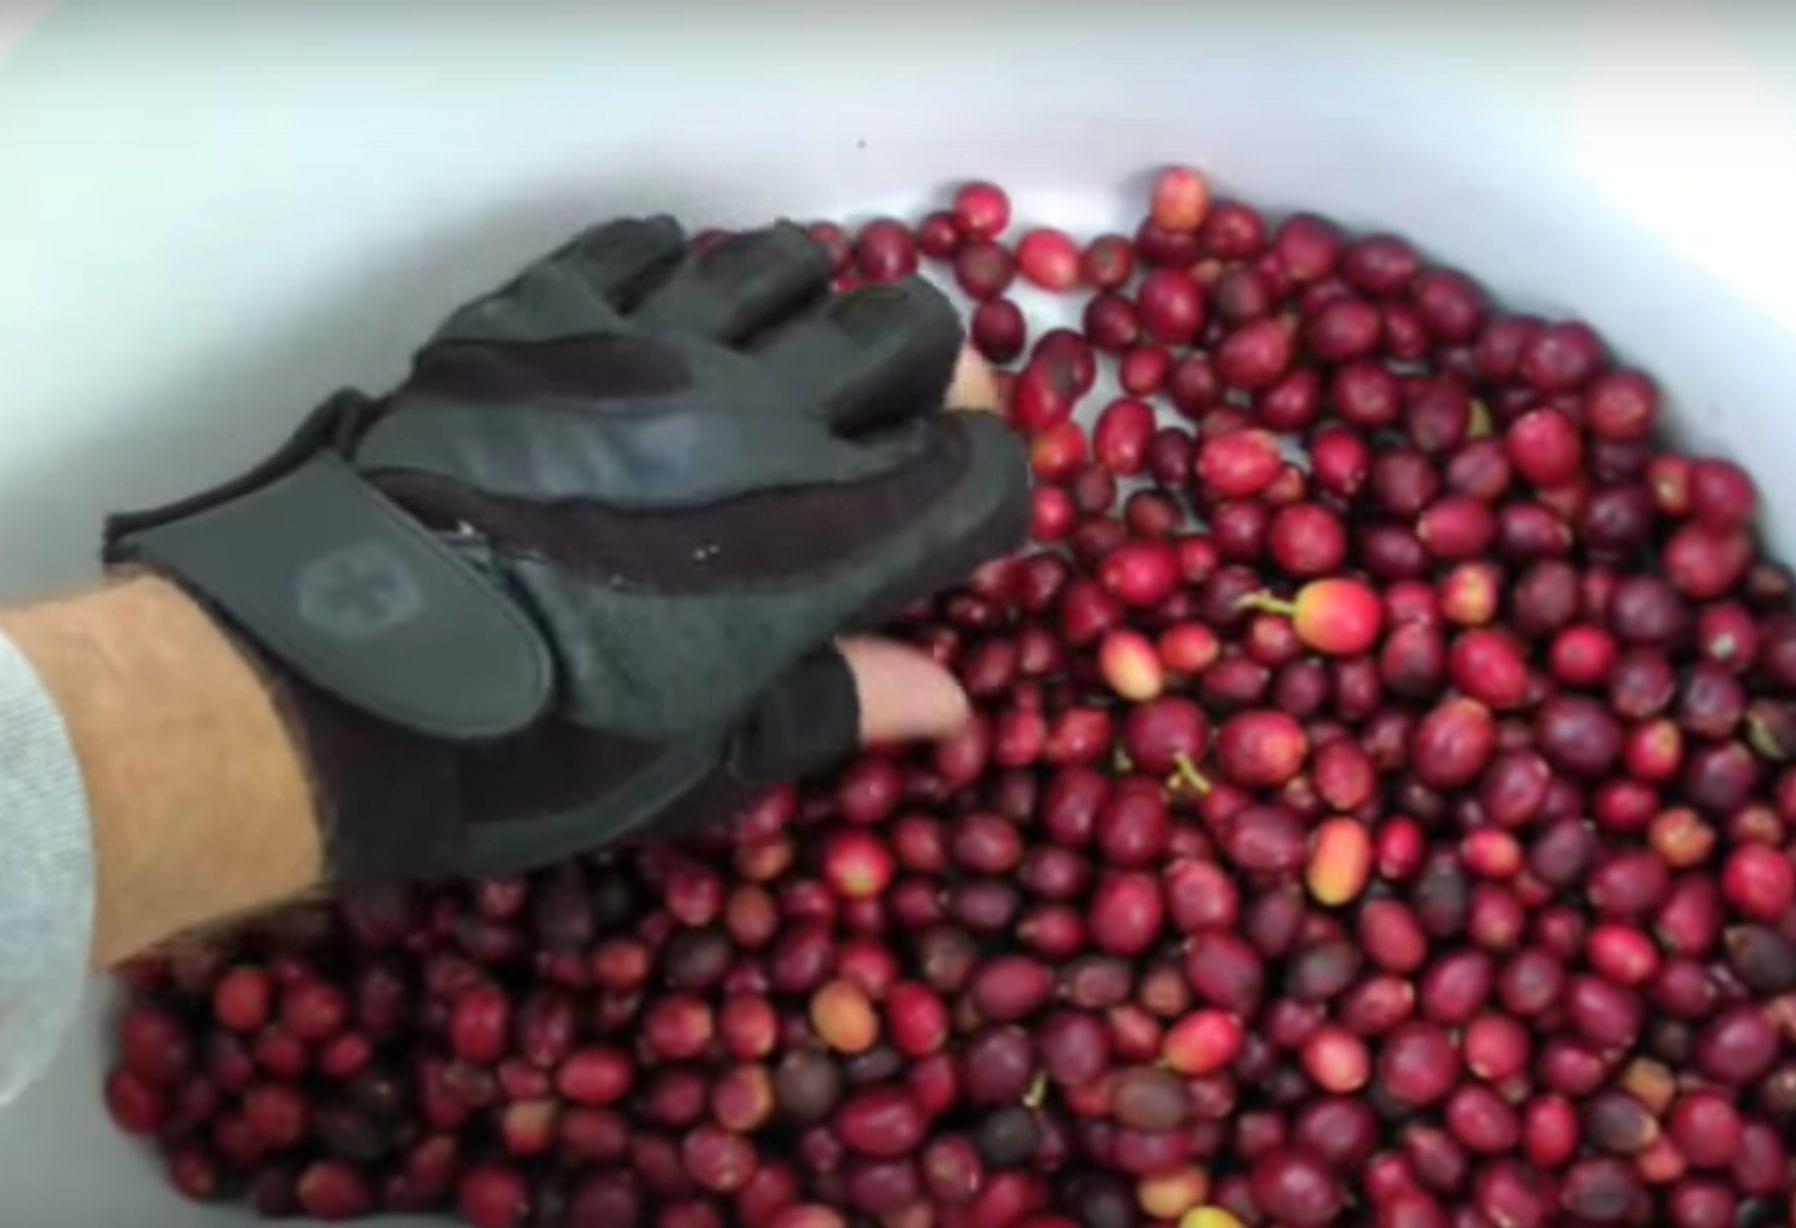 picking ripe coffee cherries